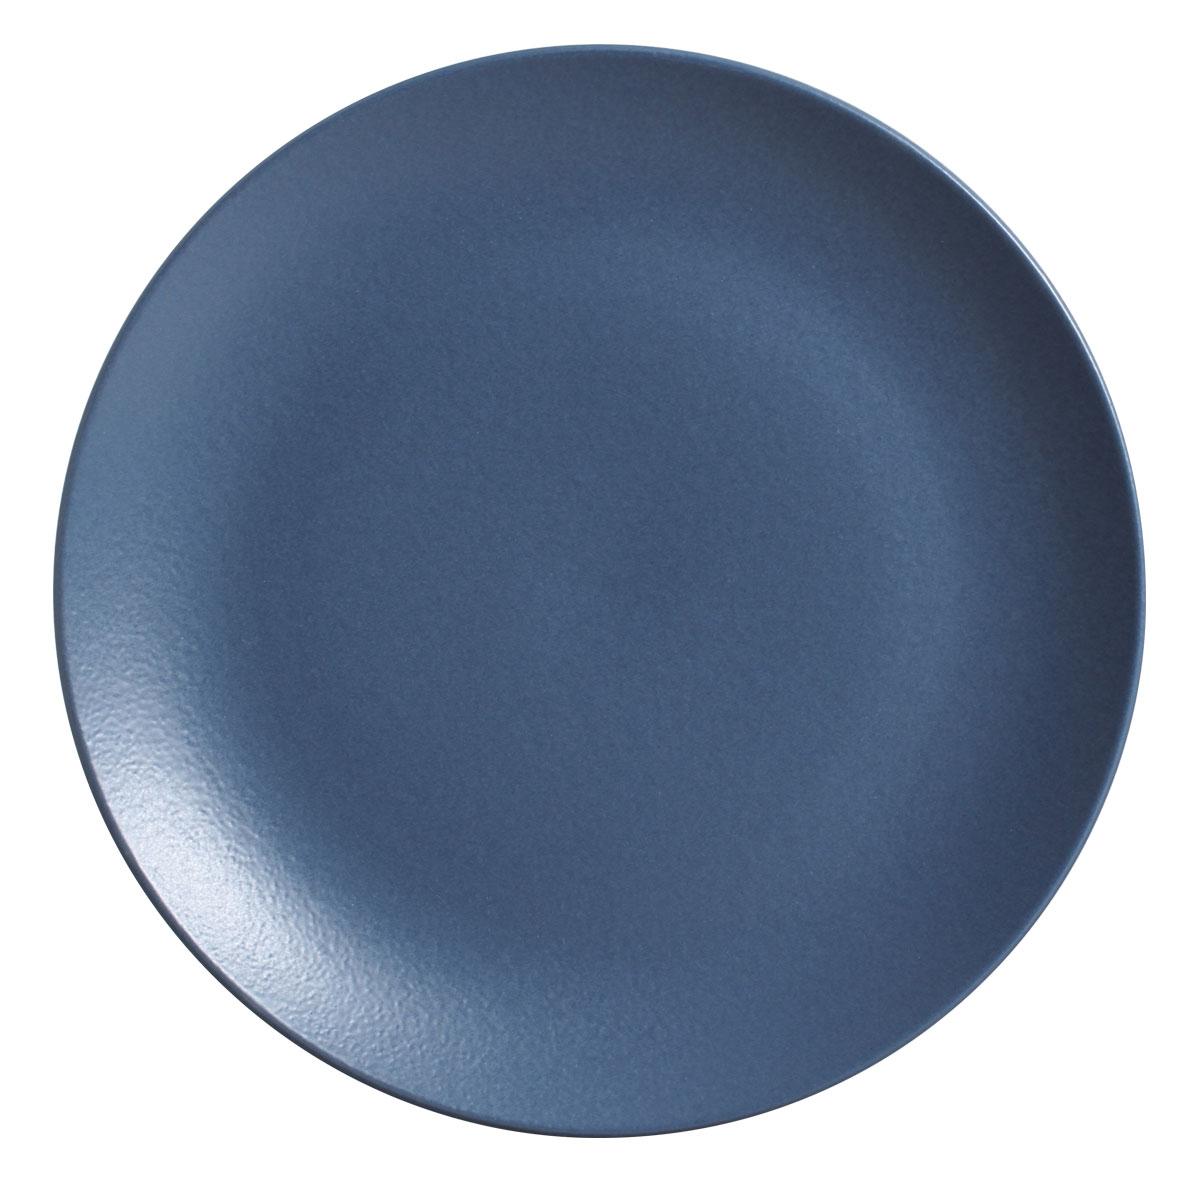 Jogo 6 Pratos Rasos Coup Stoneware Boreal 27cm - Porto Brasil